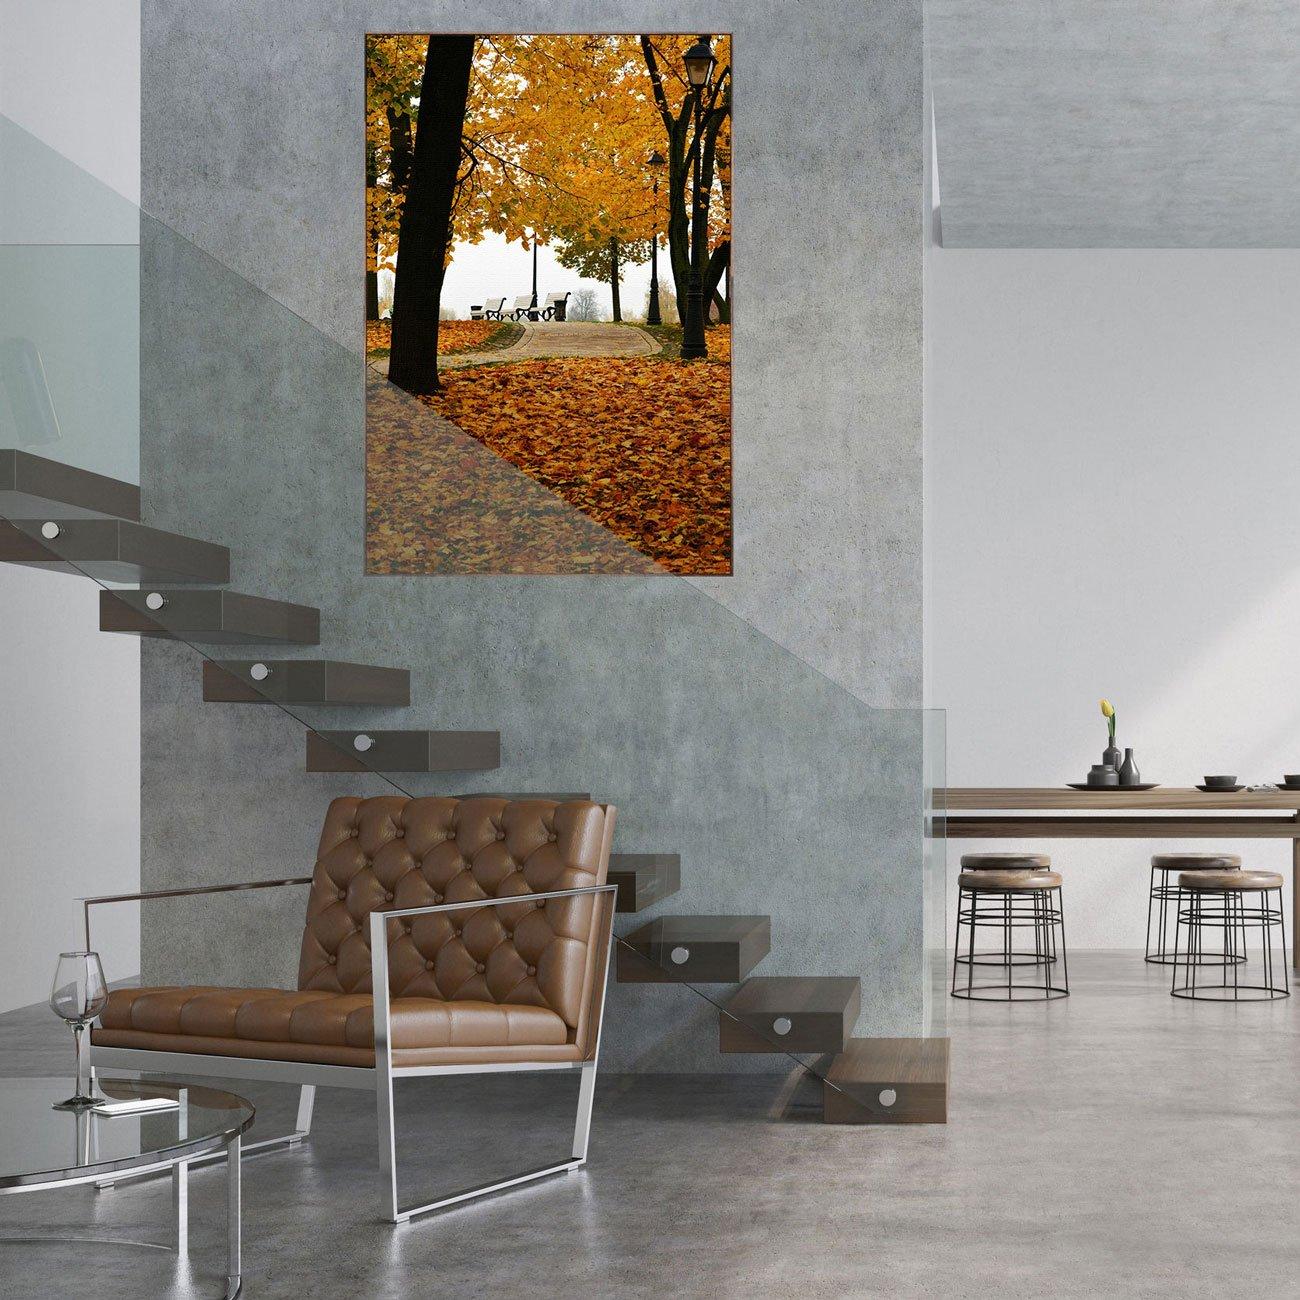 Quadro em Tela Canvas com Moldura Marrom Paisagem Natureza 100x150cm